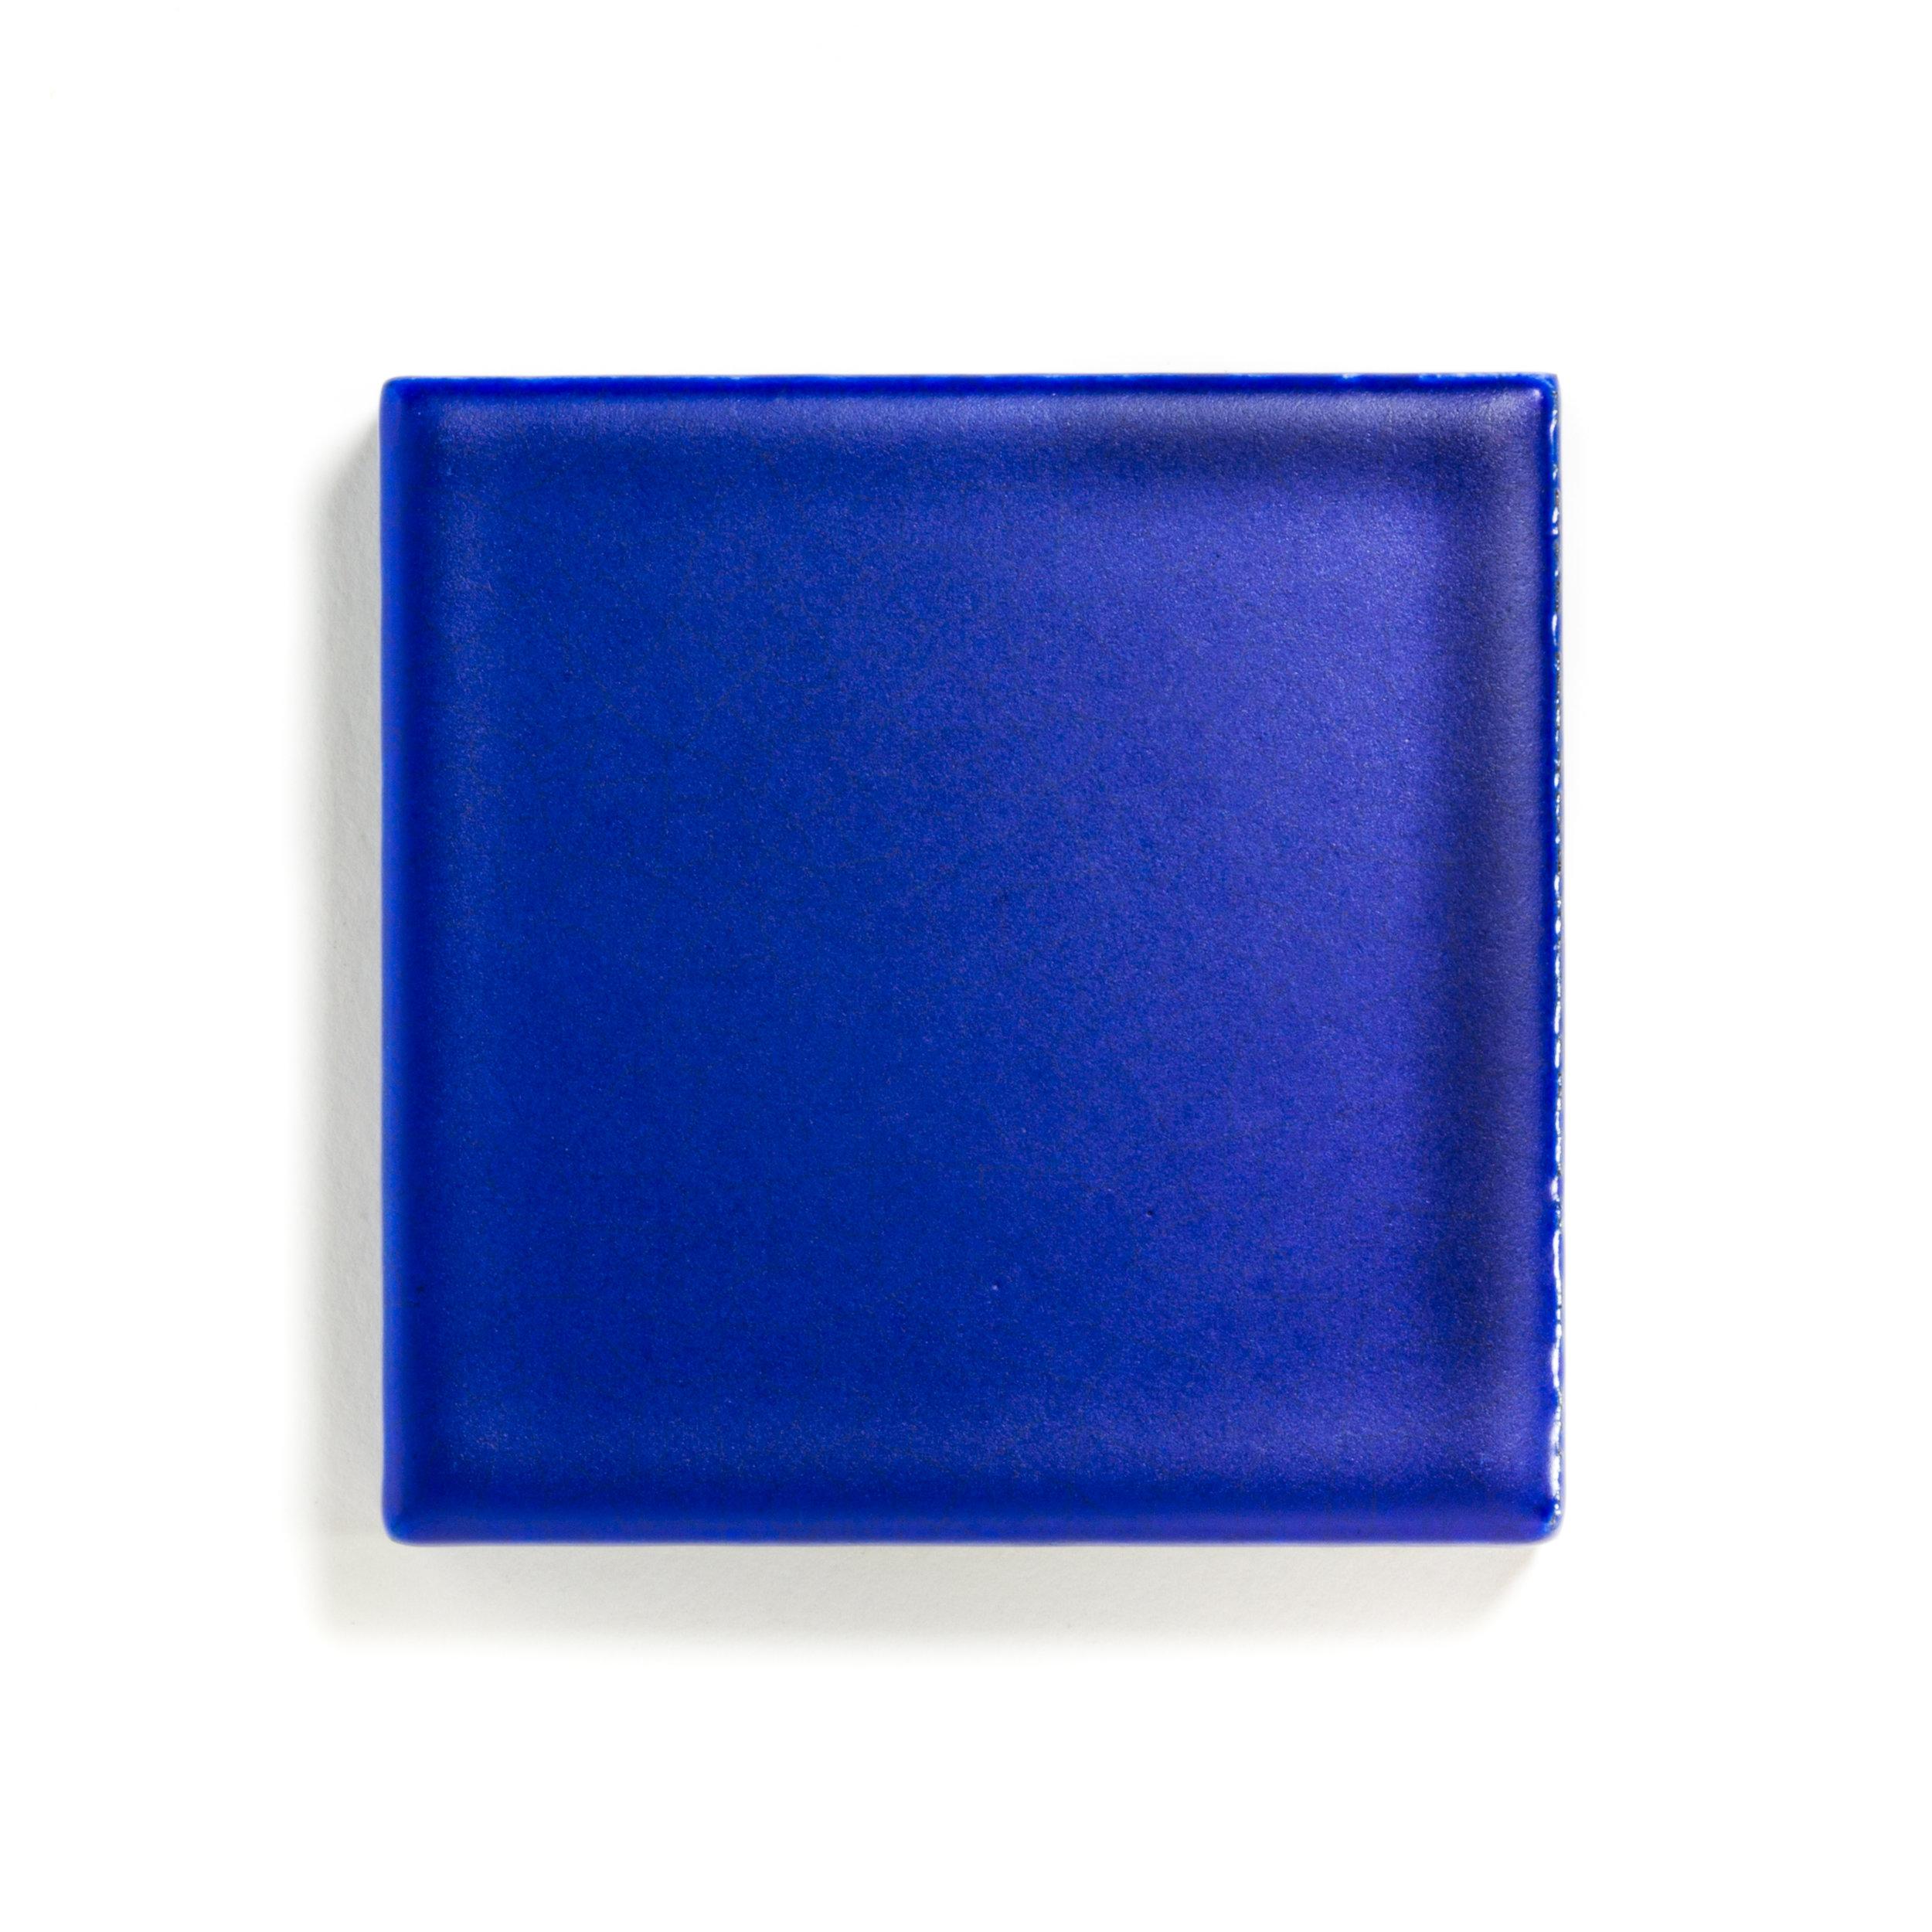 Blue Opaco